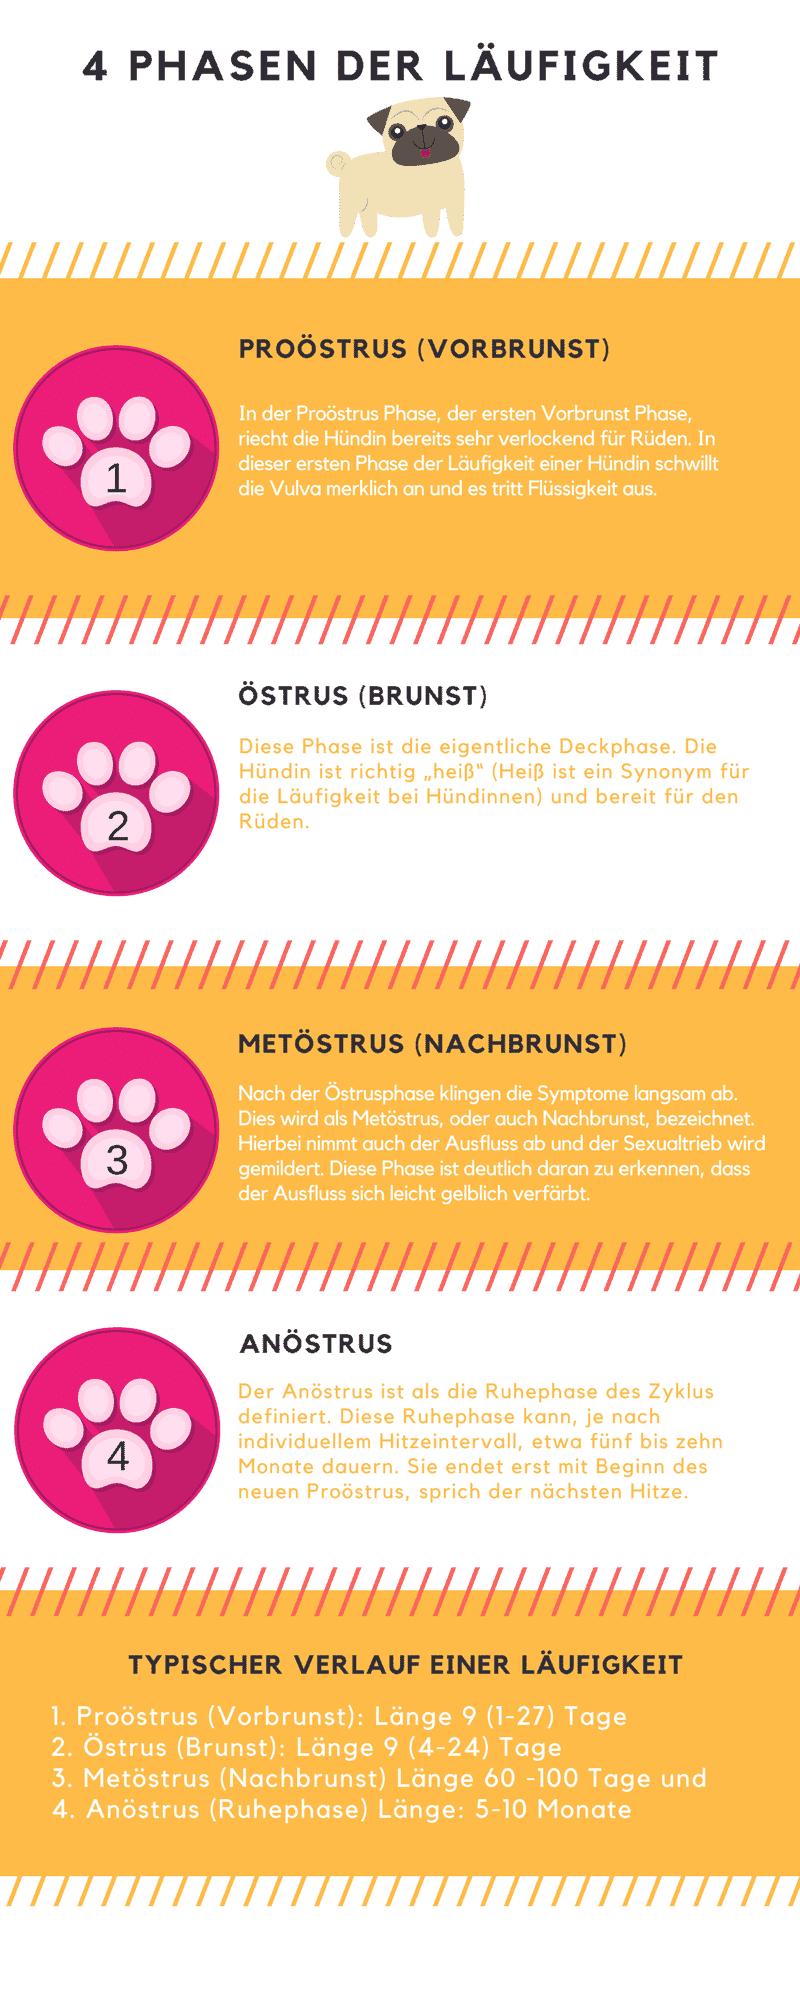 Infografik zu den 4 Phasen der Läufigkeit